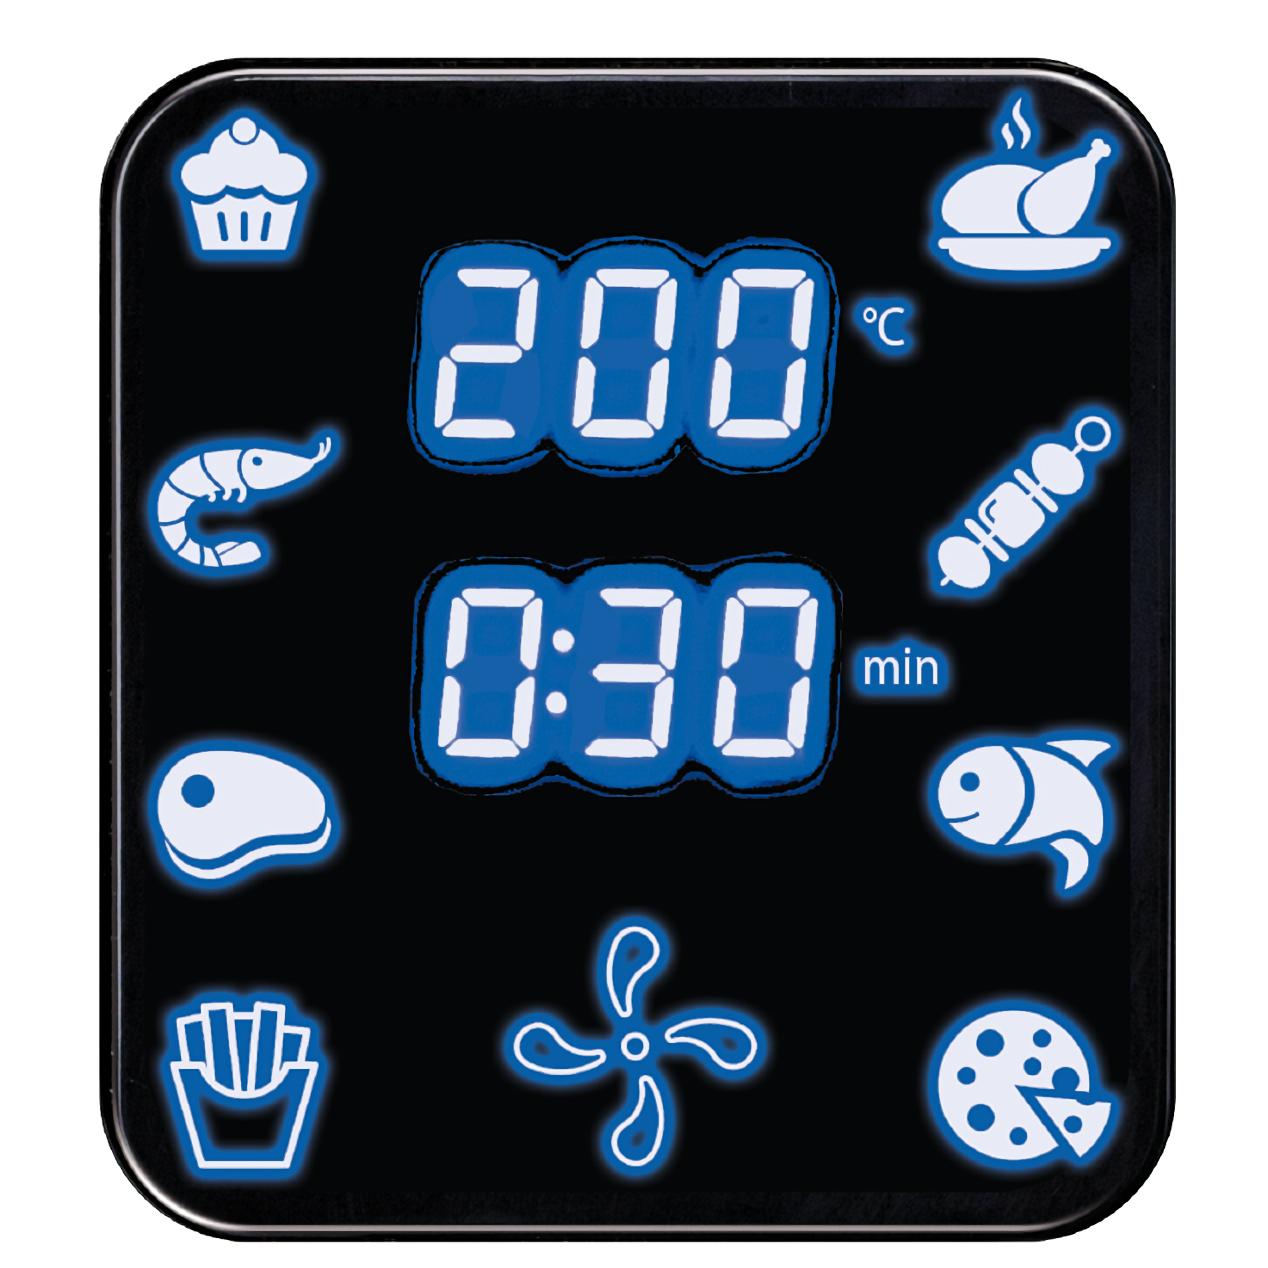 MPM MFR06 Freidora de aire caliente sin aceite, 4,5 litros, 8 programas cocción, panel digital, termostato 80 - 200ºC, temporizador 3min, 1500W